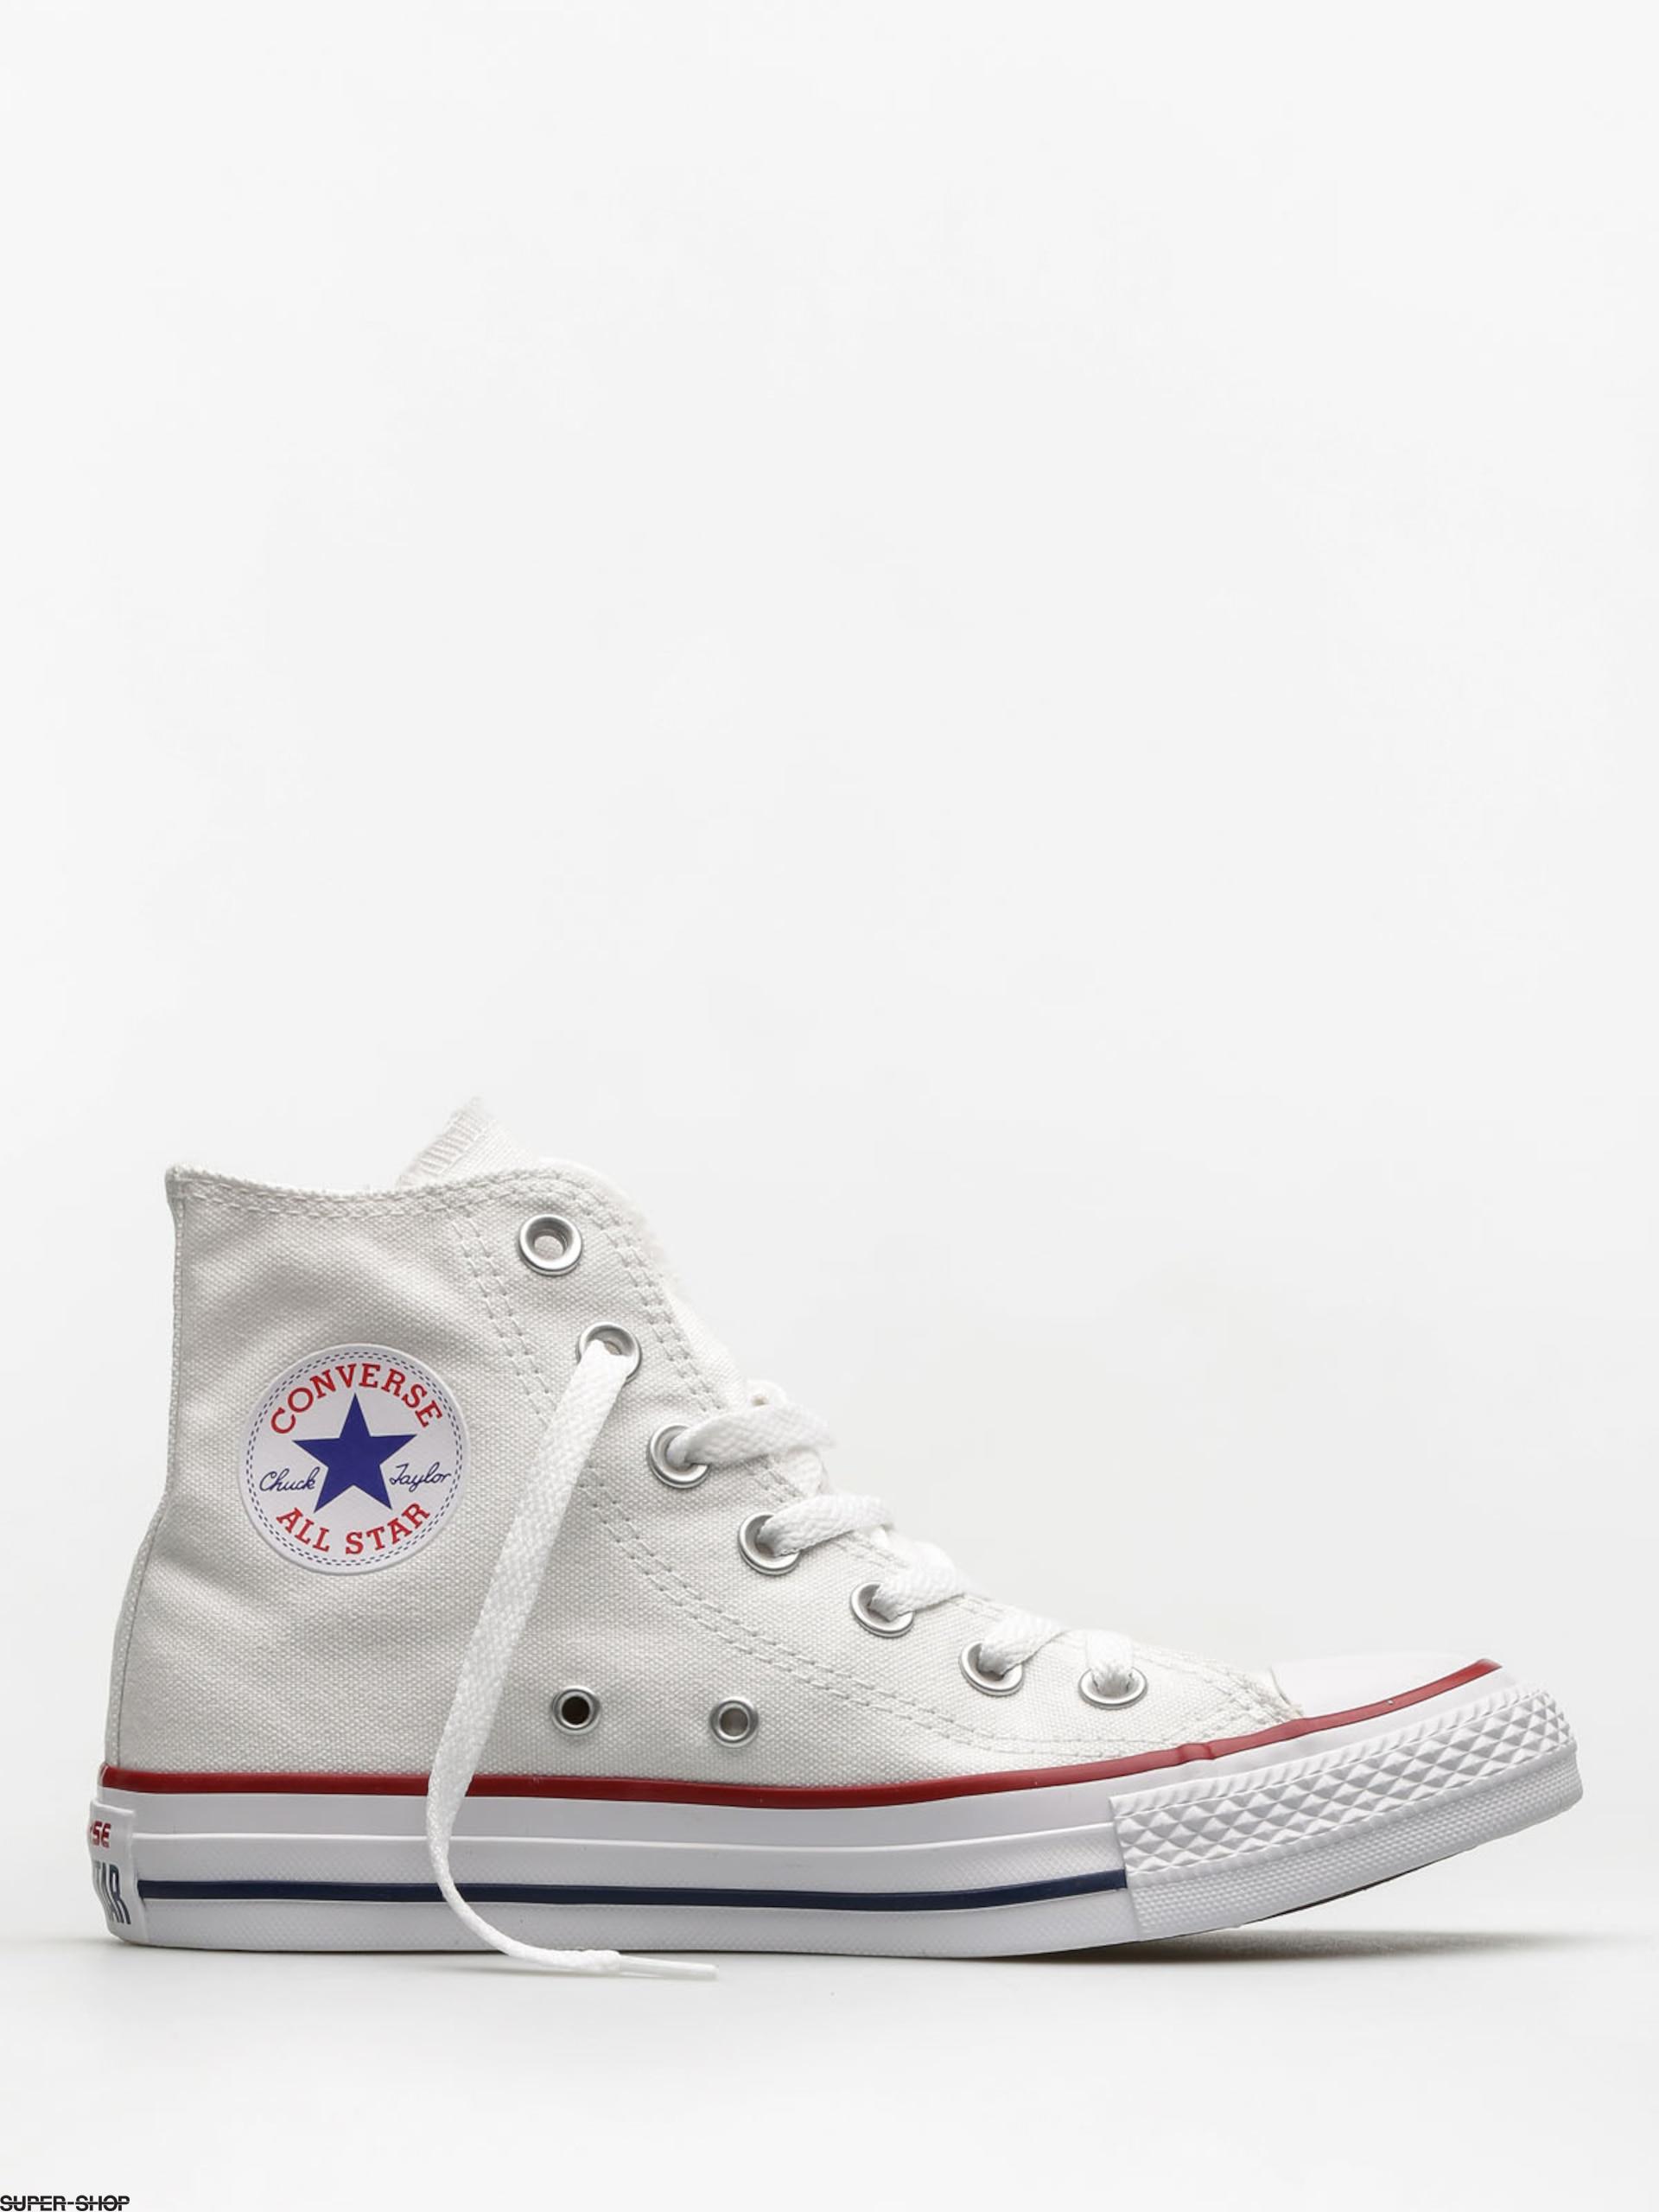 c0b85a1fce28 Converse Chucks Chuck Taylor All Star Hi (optic white)